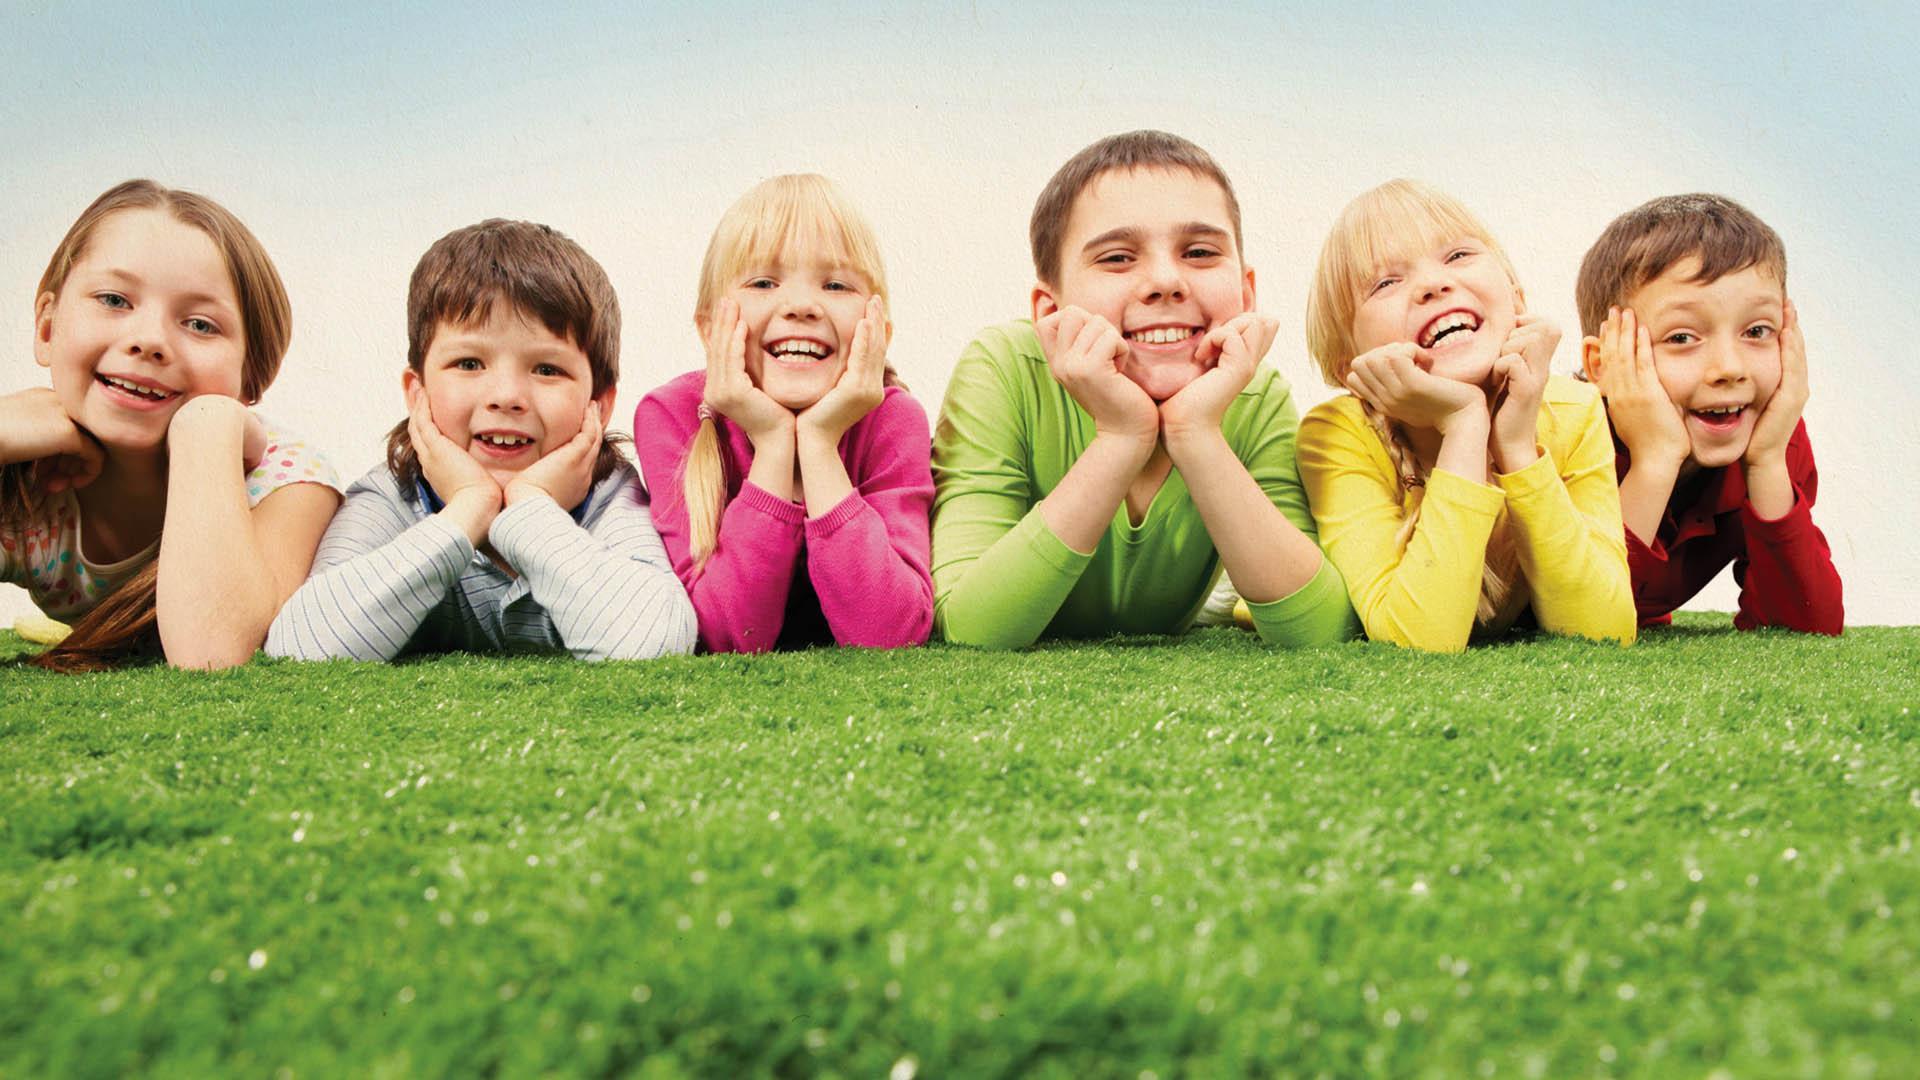 نقش جامعه در القای کلیشه های جنسیتی در تربیت کودک